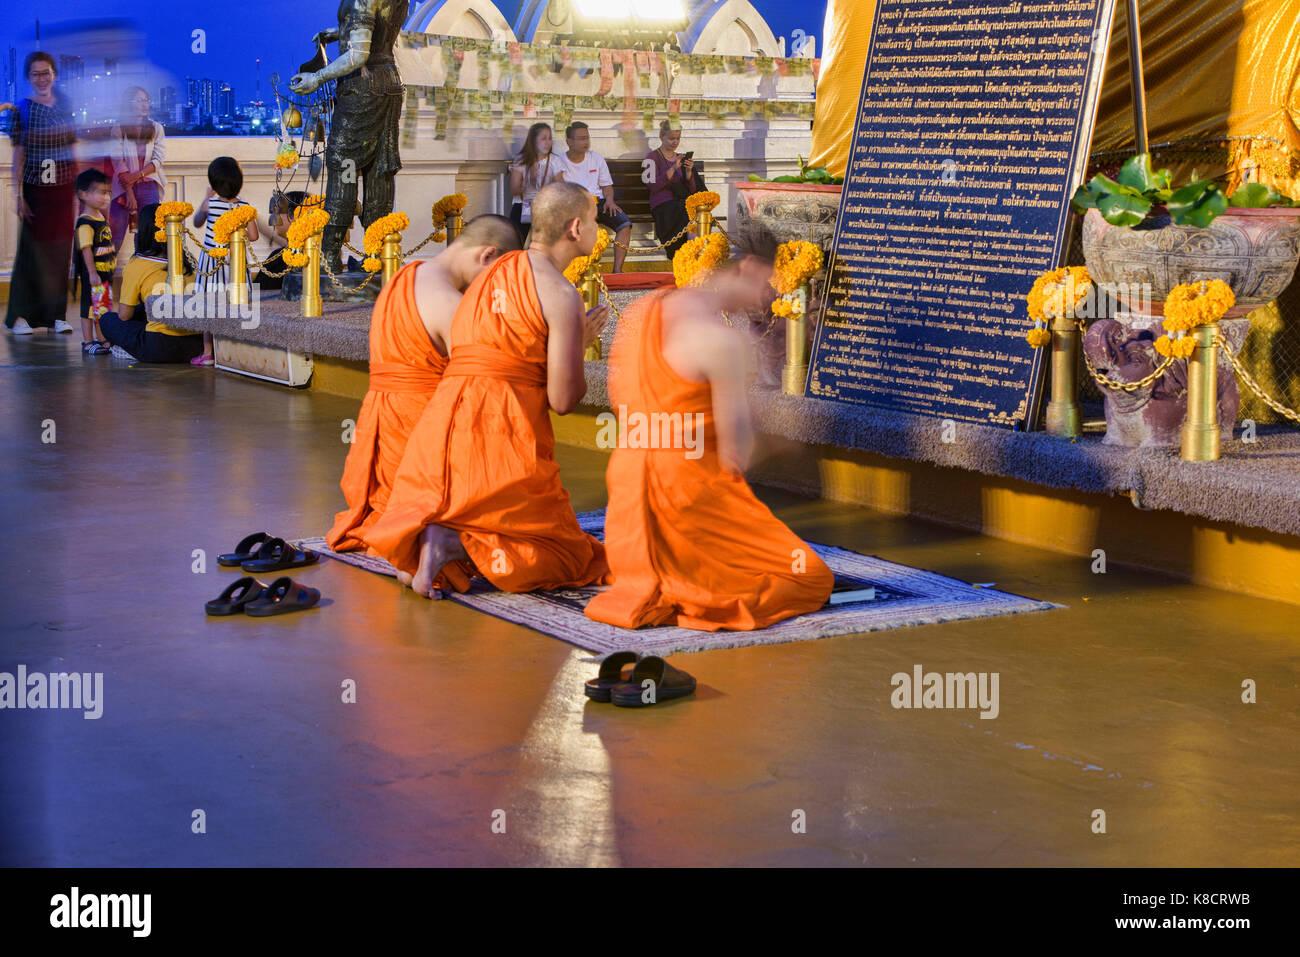 Les moines priaient à Wat Saket (le mont d'or) à Bangkok, Thaïlande Photo Stock